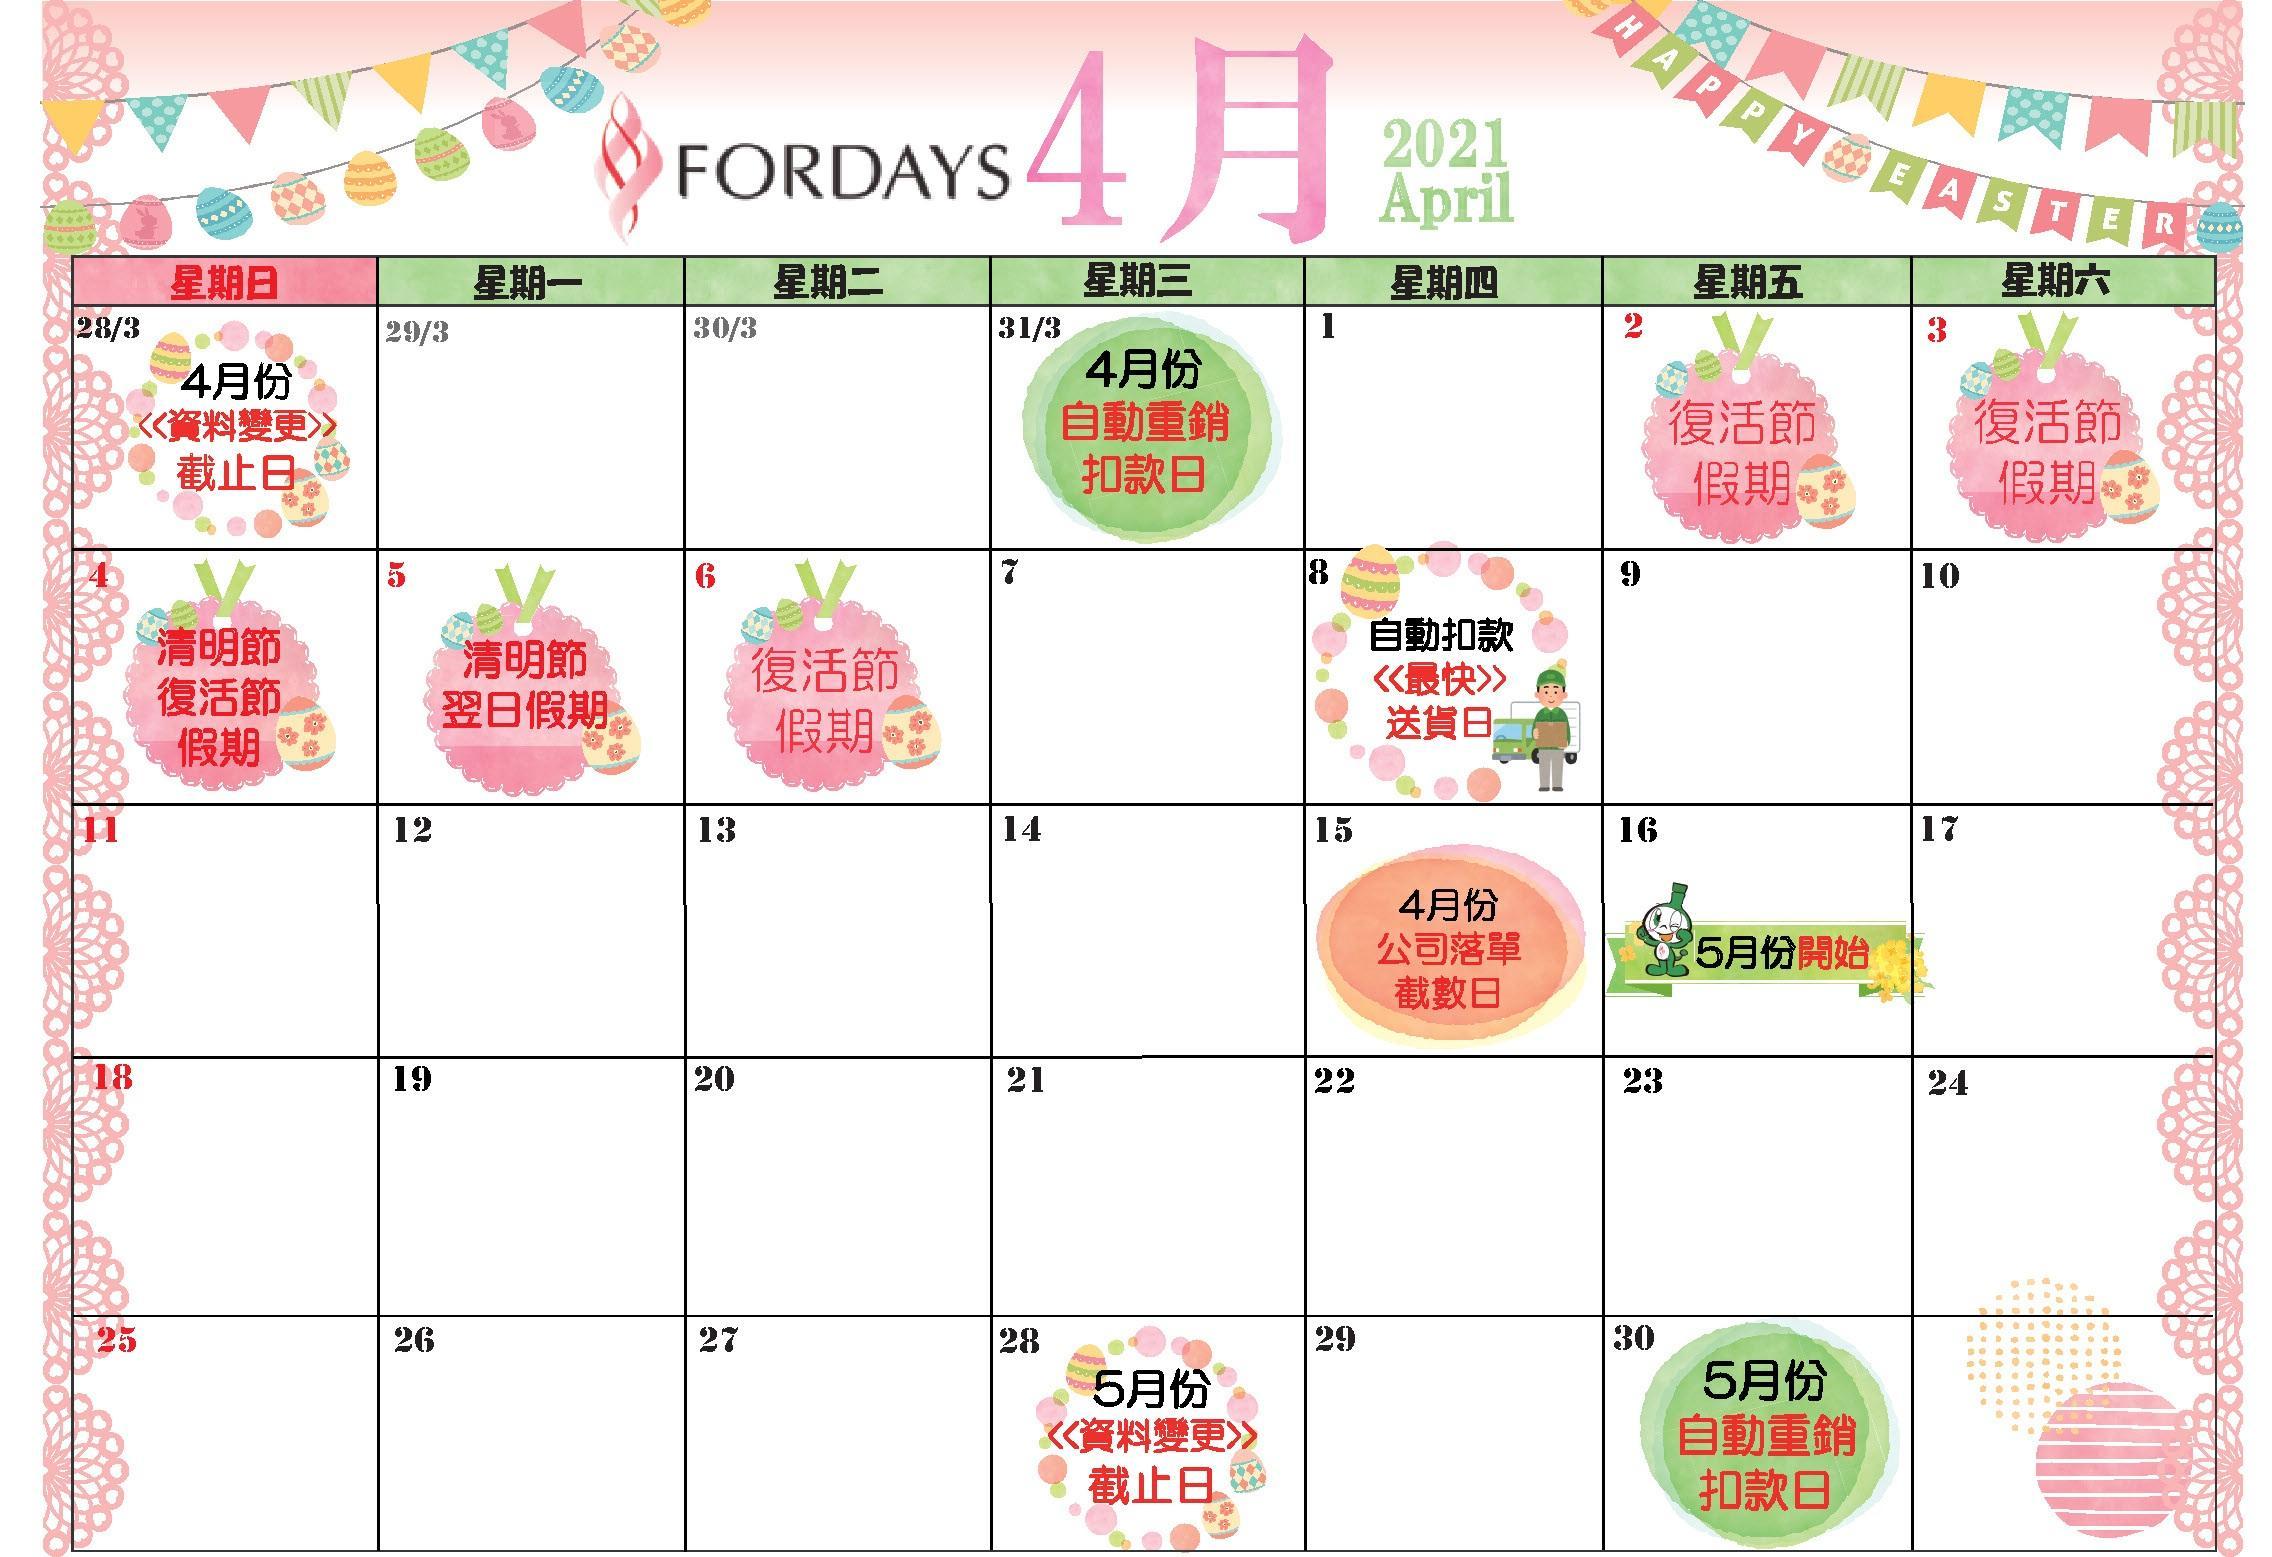 Apr 2021 Autoship schedule.jpg